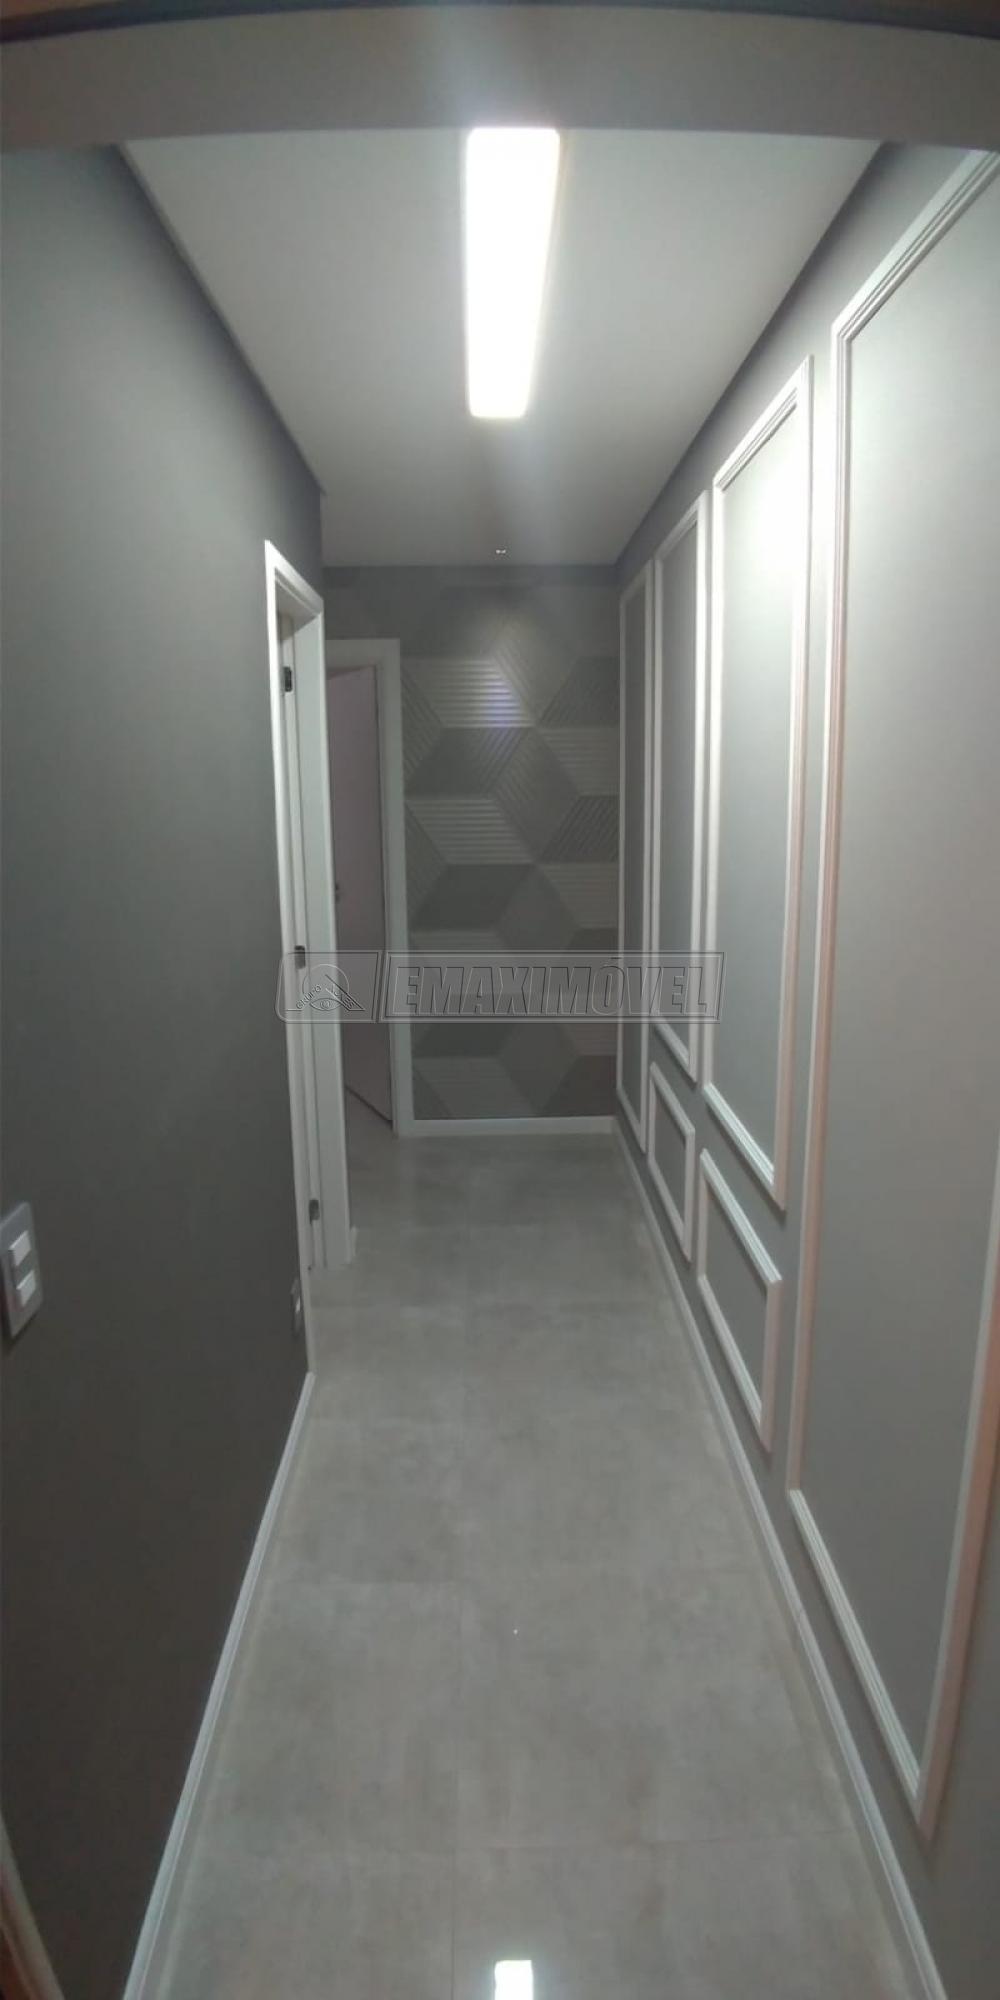 Comprar Apartamento / Padrão em Sorocaba R$ 300.000,00 - Foto 8